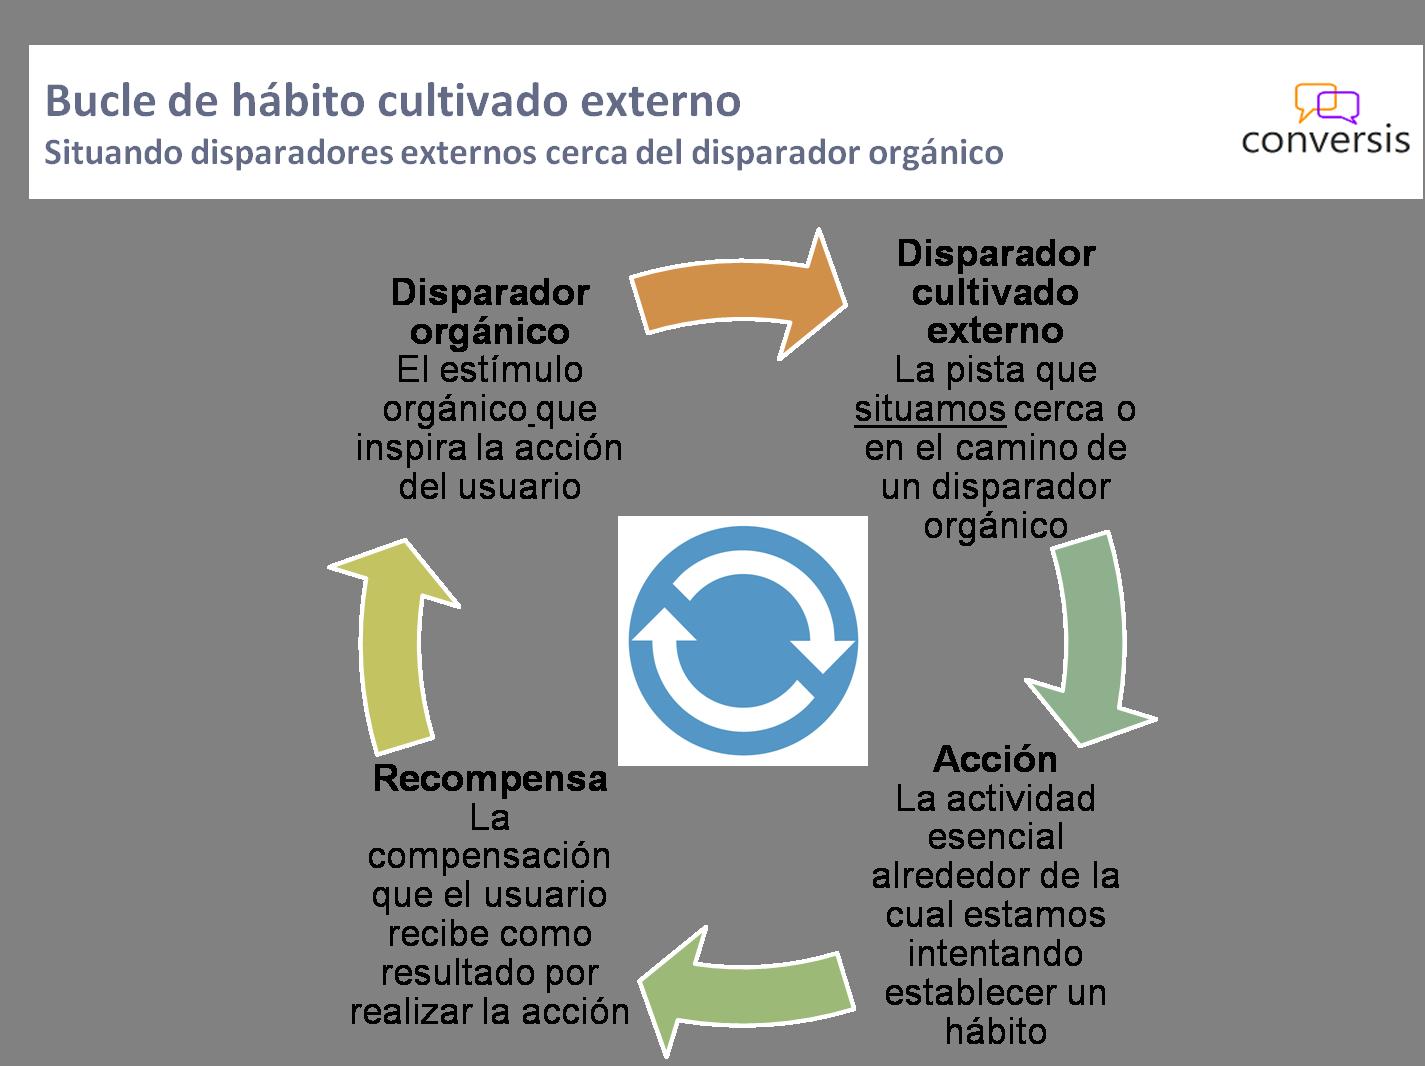 Bucle de hábito cultivado externo